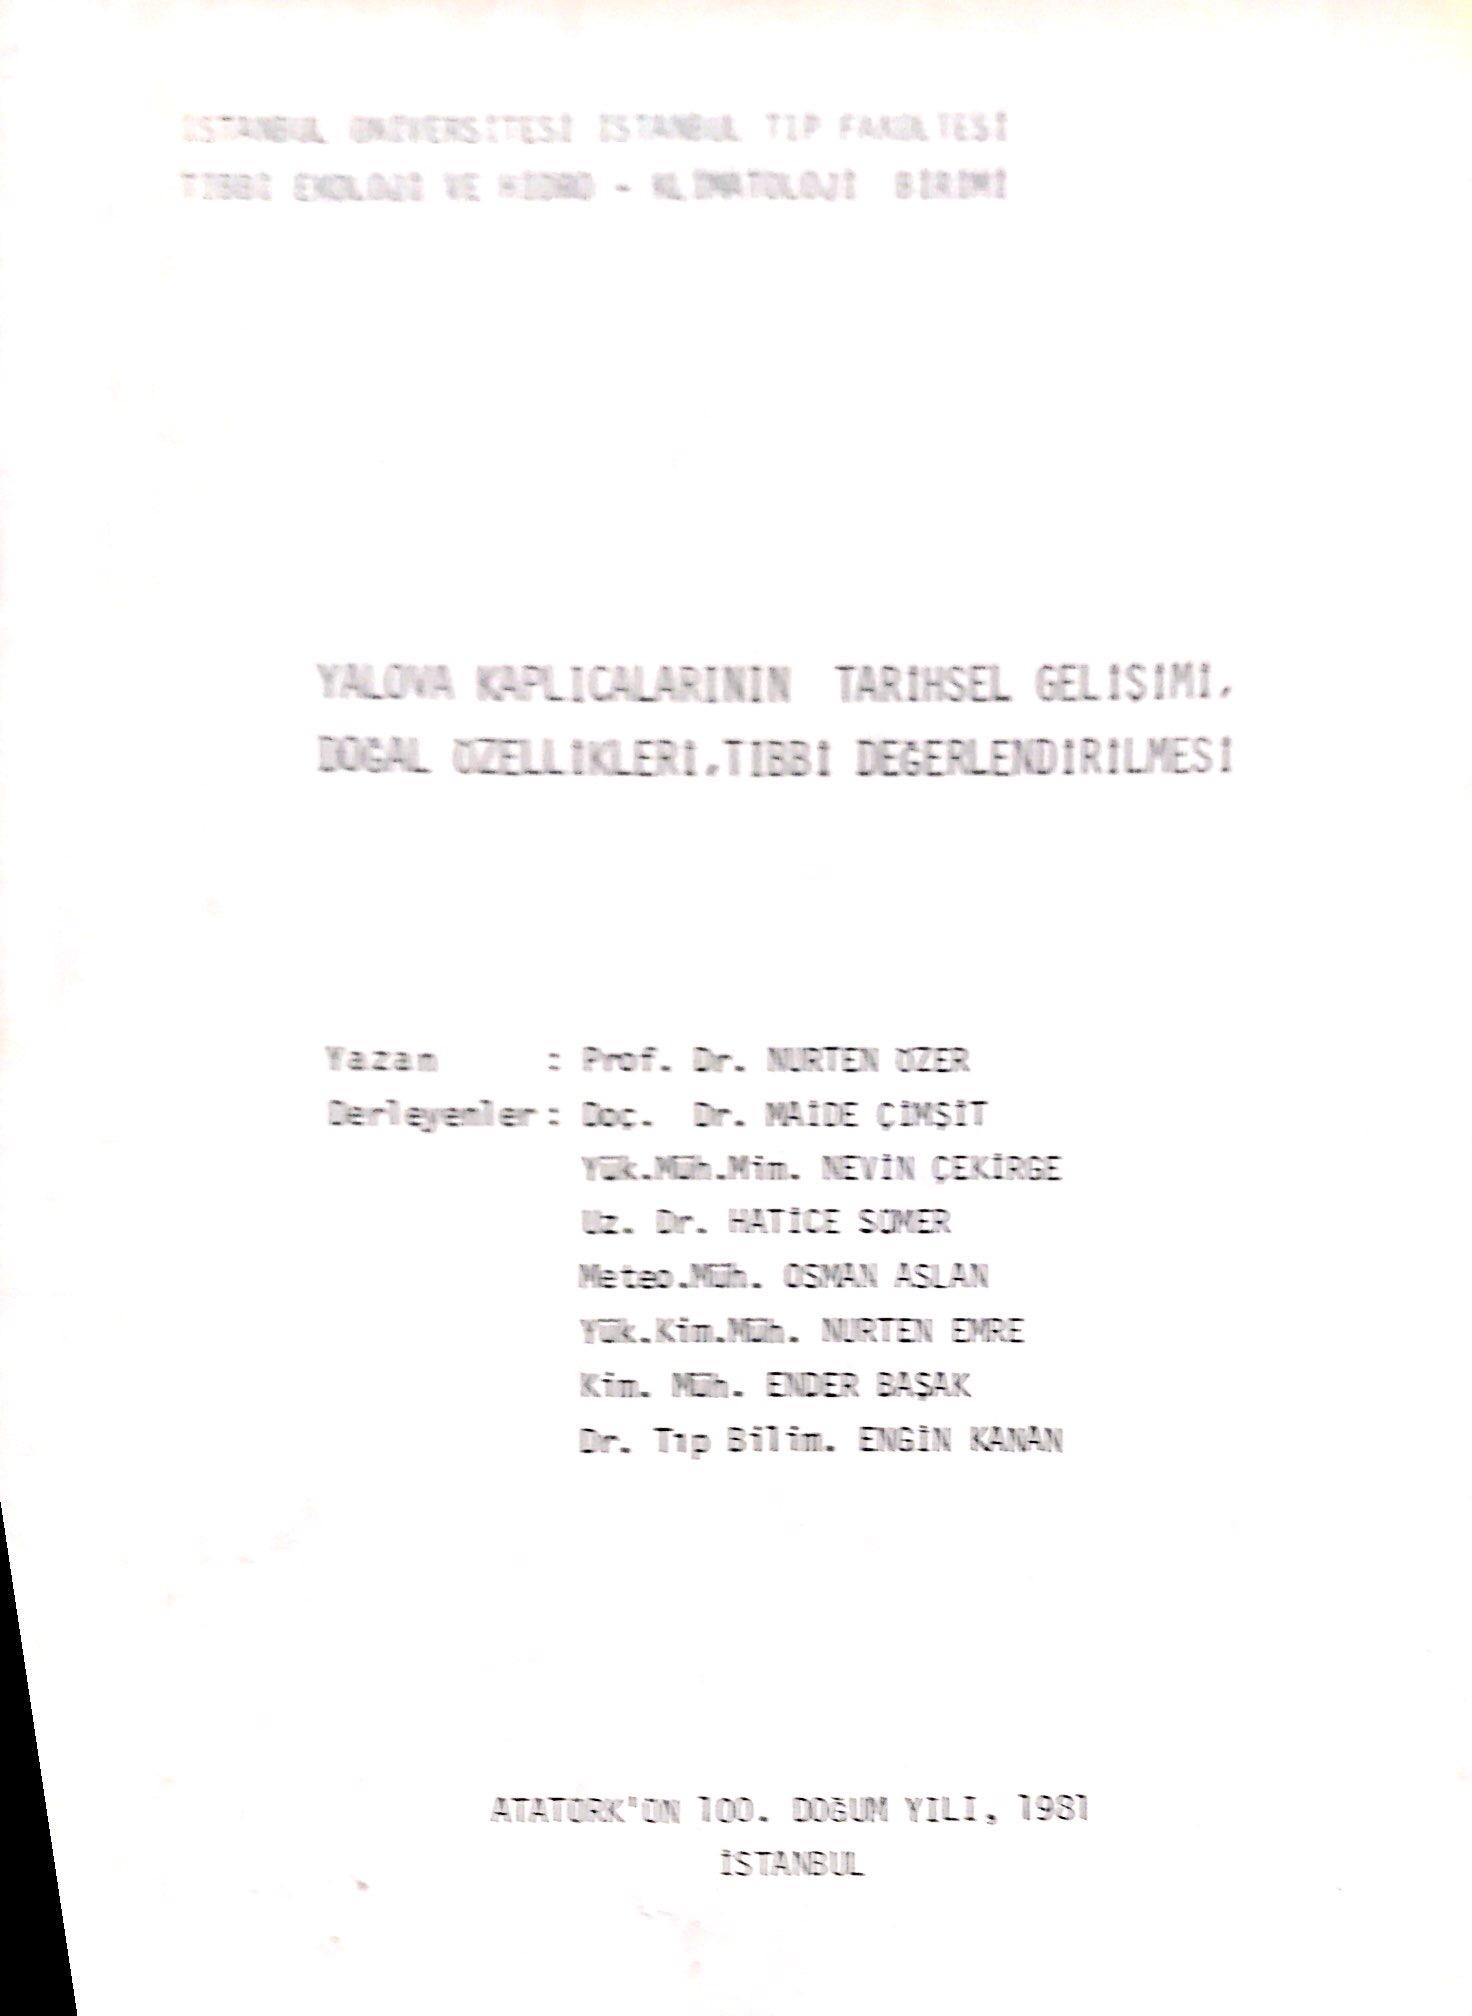 Yalova Kaplıcalarının Tarihsel Gelişimi, Doğal Özellikleri, Tıbbi Değerlendirilmesi Kitap Kapağı